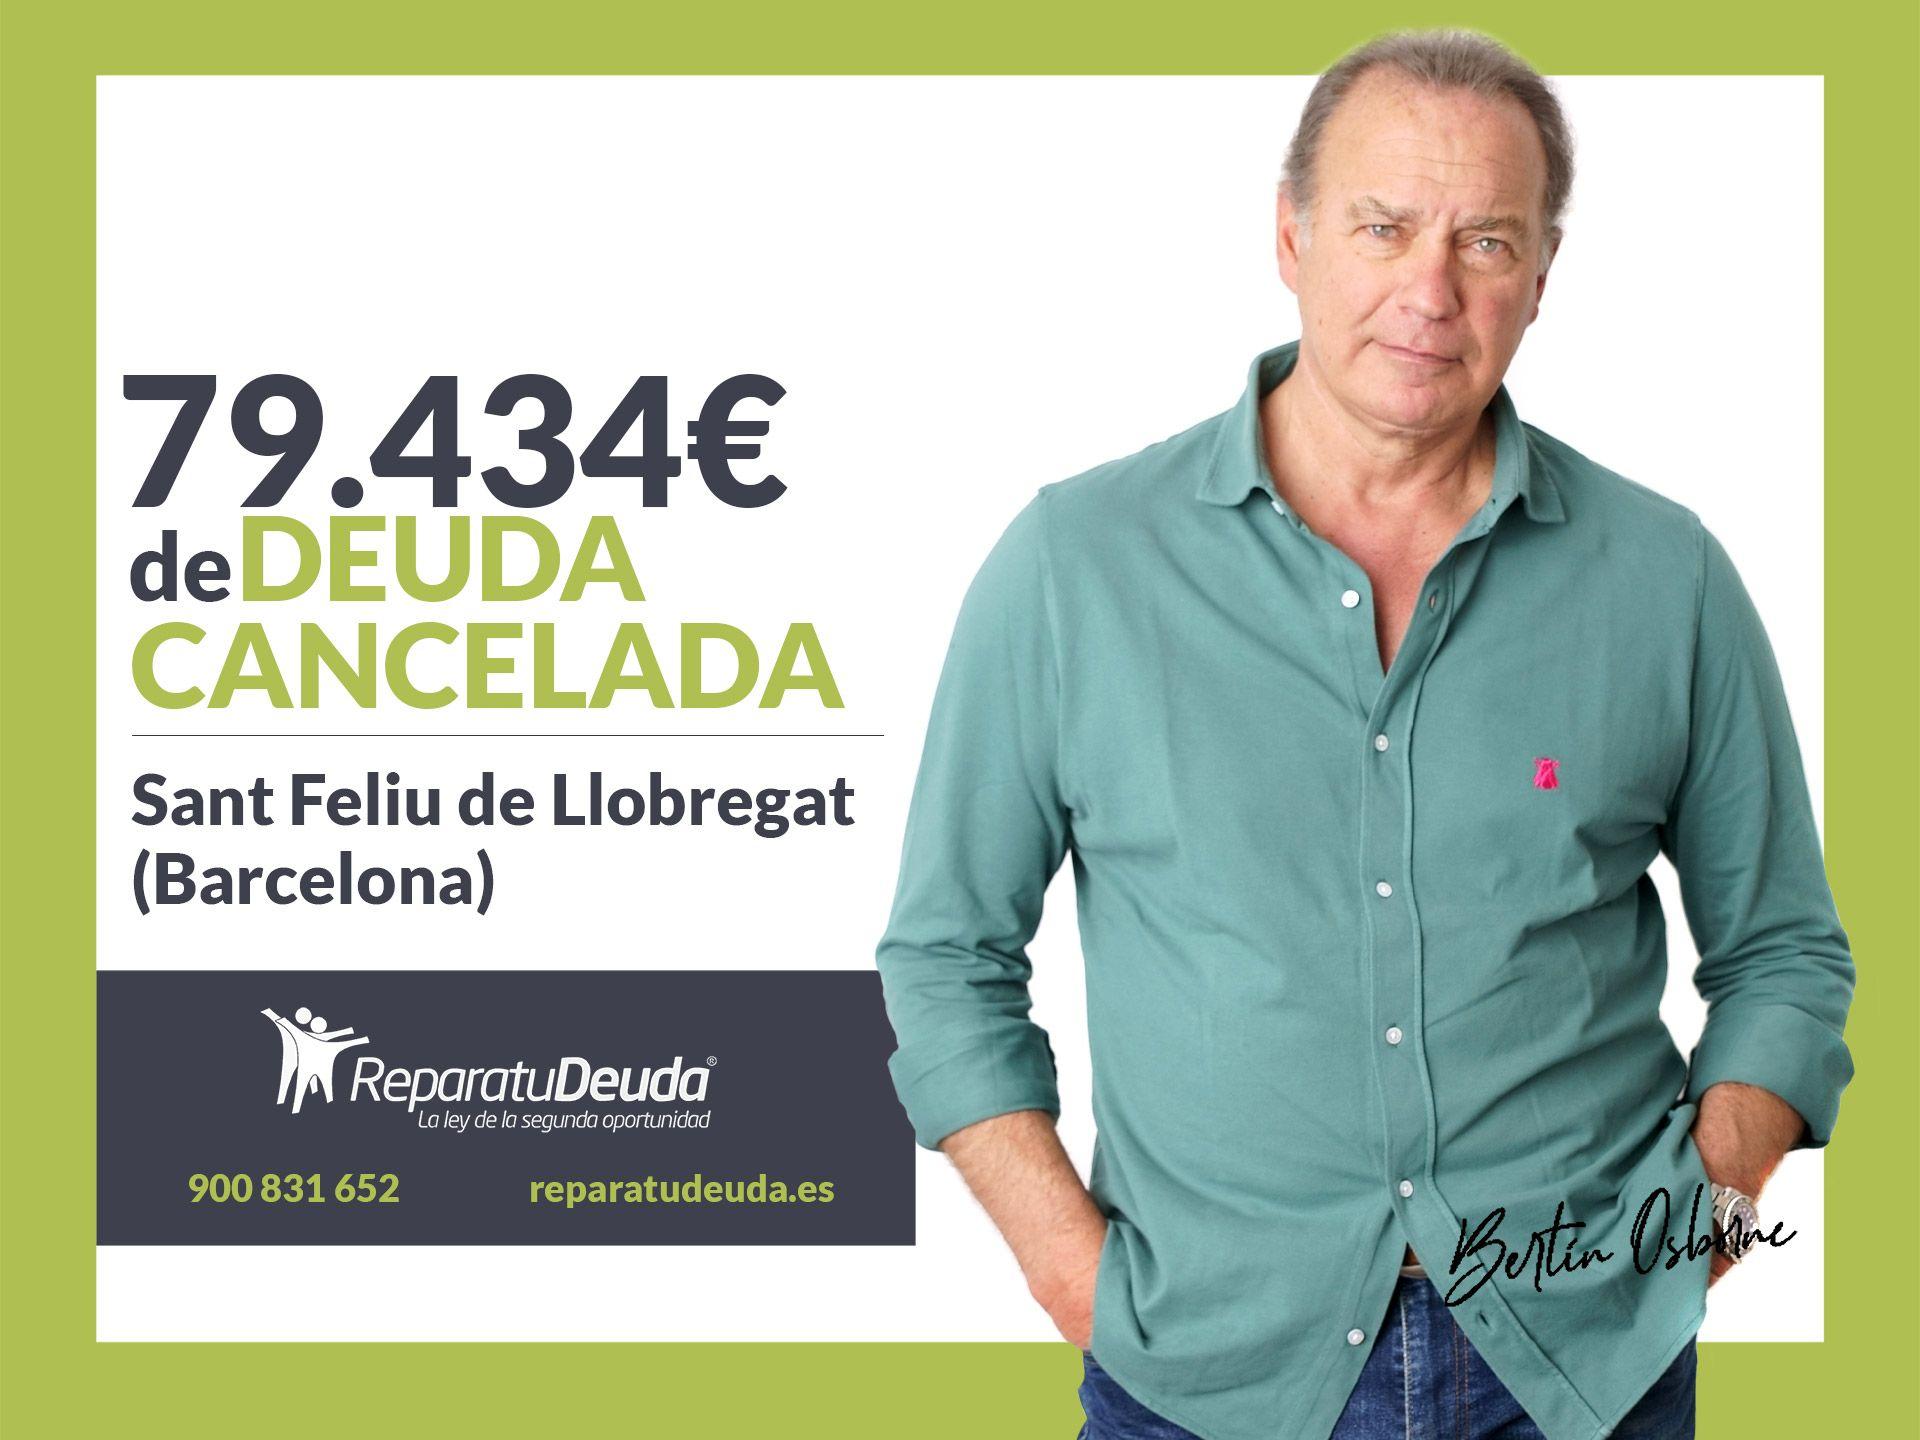 Repara tu Deuda cancela 79.434 ? en Sant Feliu de Llobregat (Barcelona) con la Ley de Segunda Oportunidad